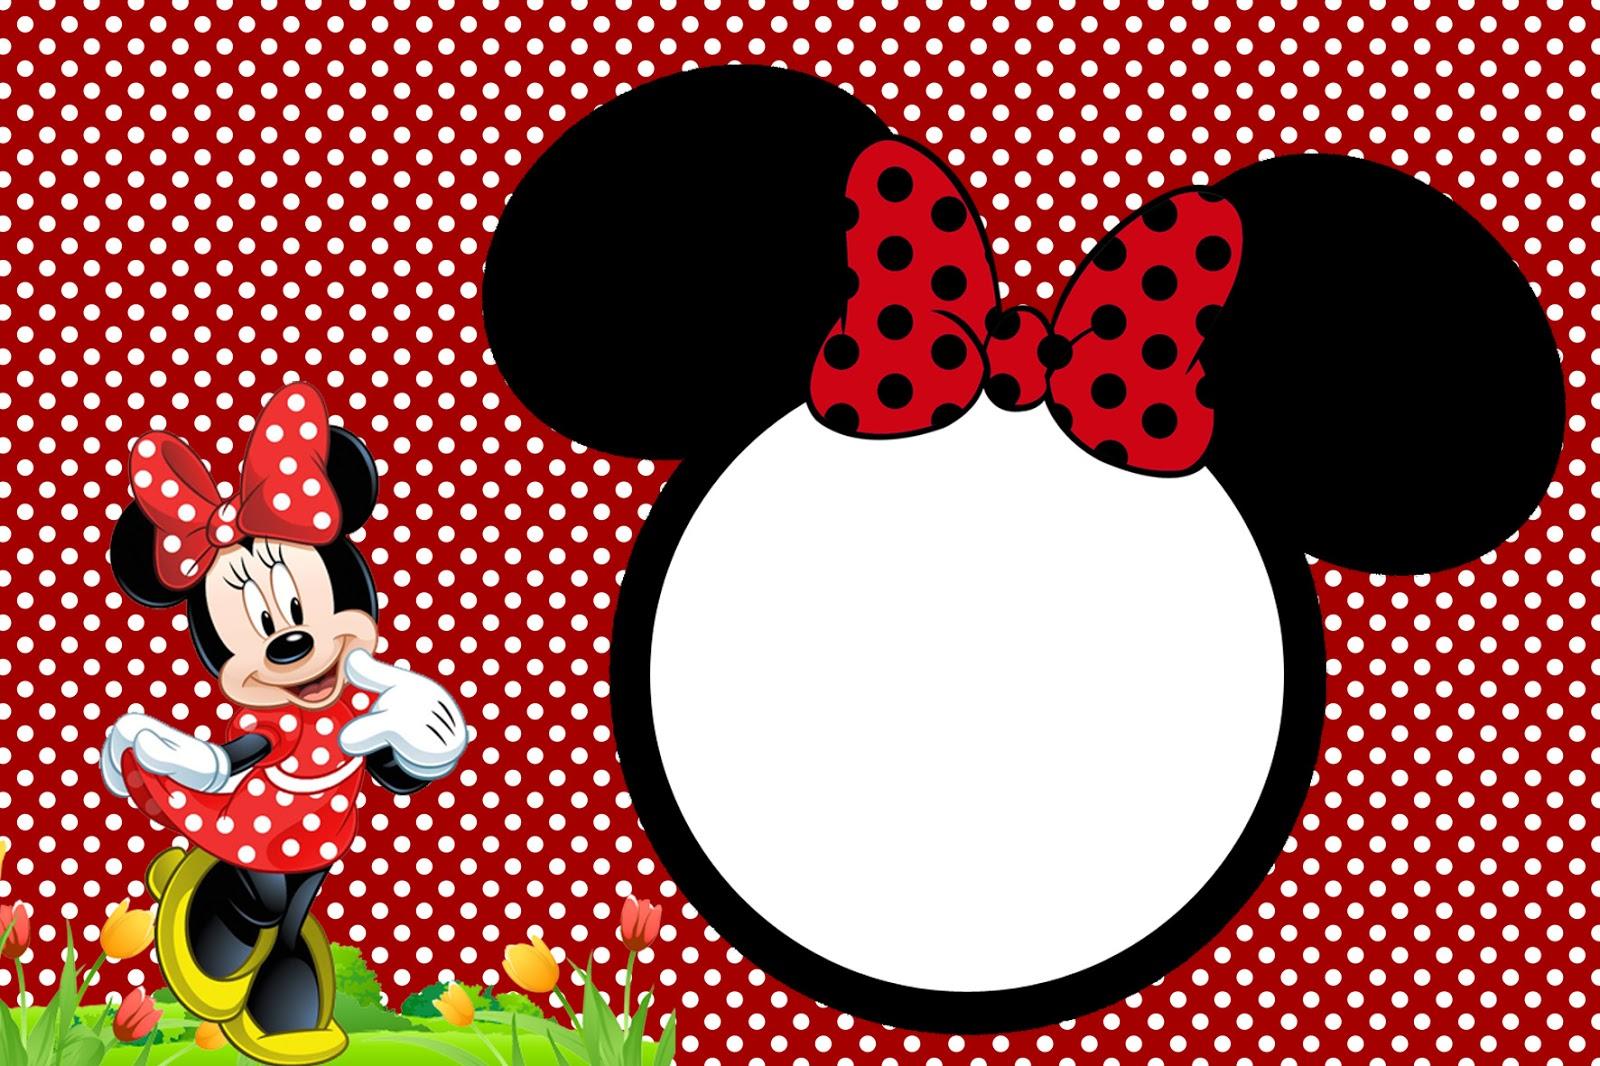 Artesanato Ideias De Natal ~ Kit digital grátis para imprimir Minnie Vermelha